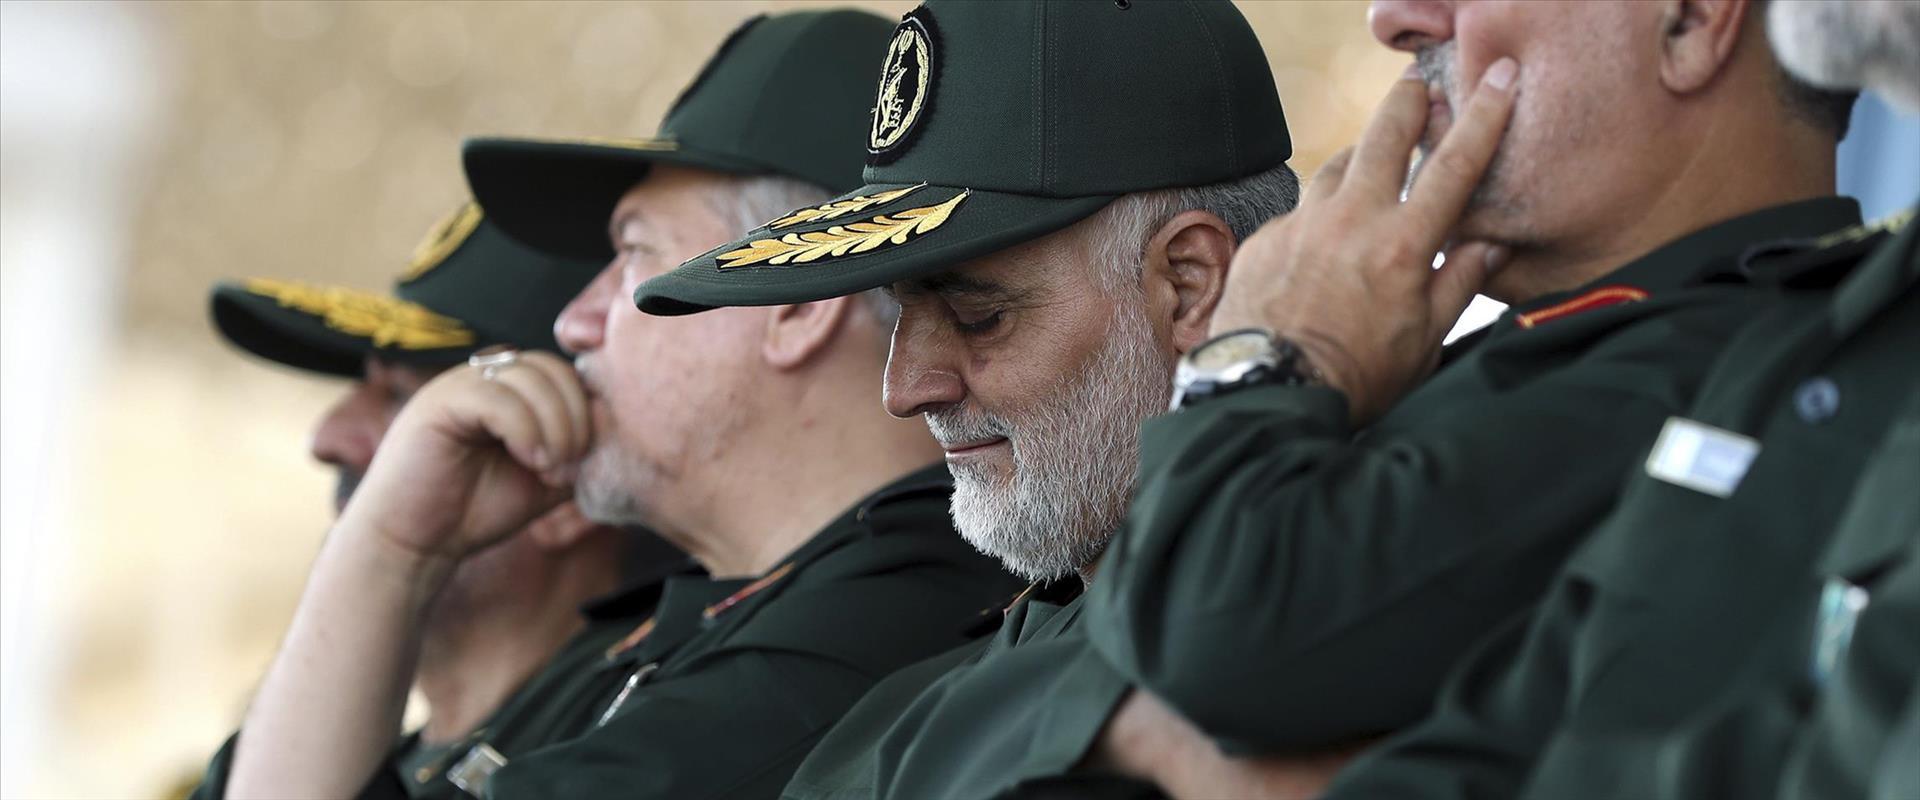 מפקד כוח אל-קודס במשמרות המהפכה קאסם סולימאני